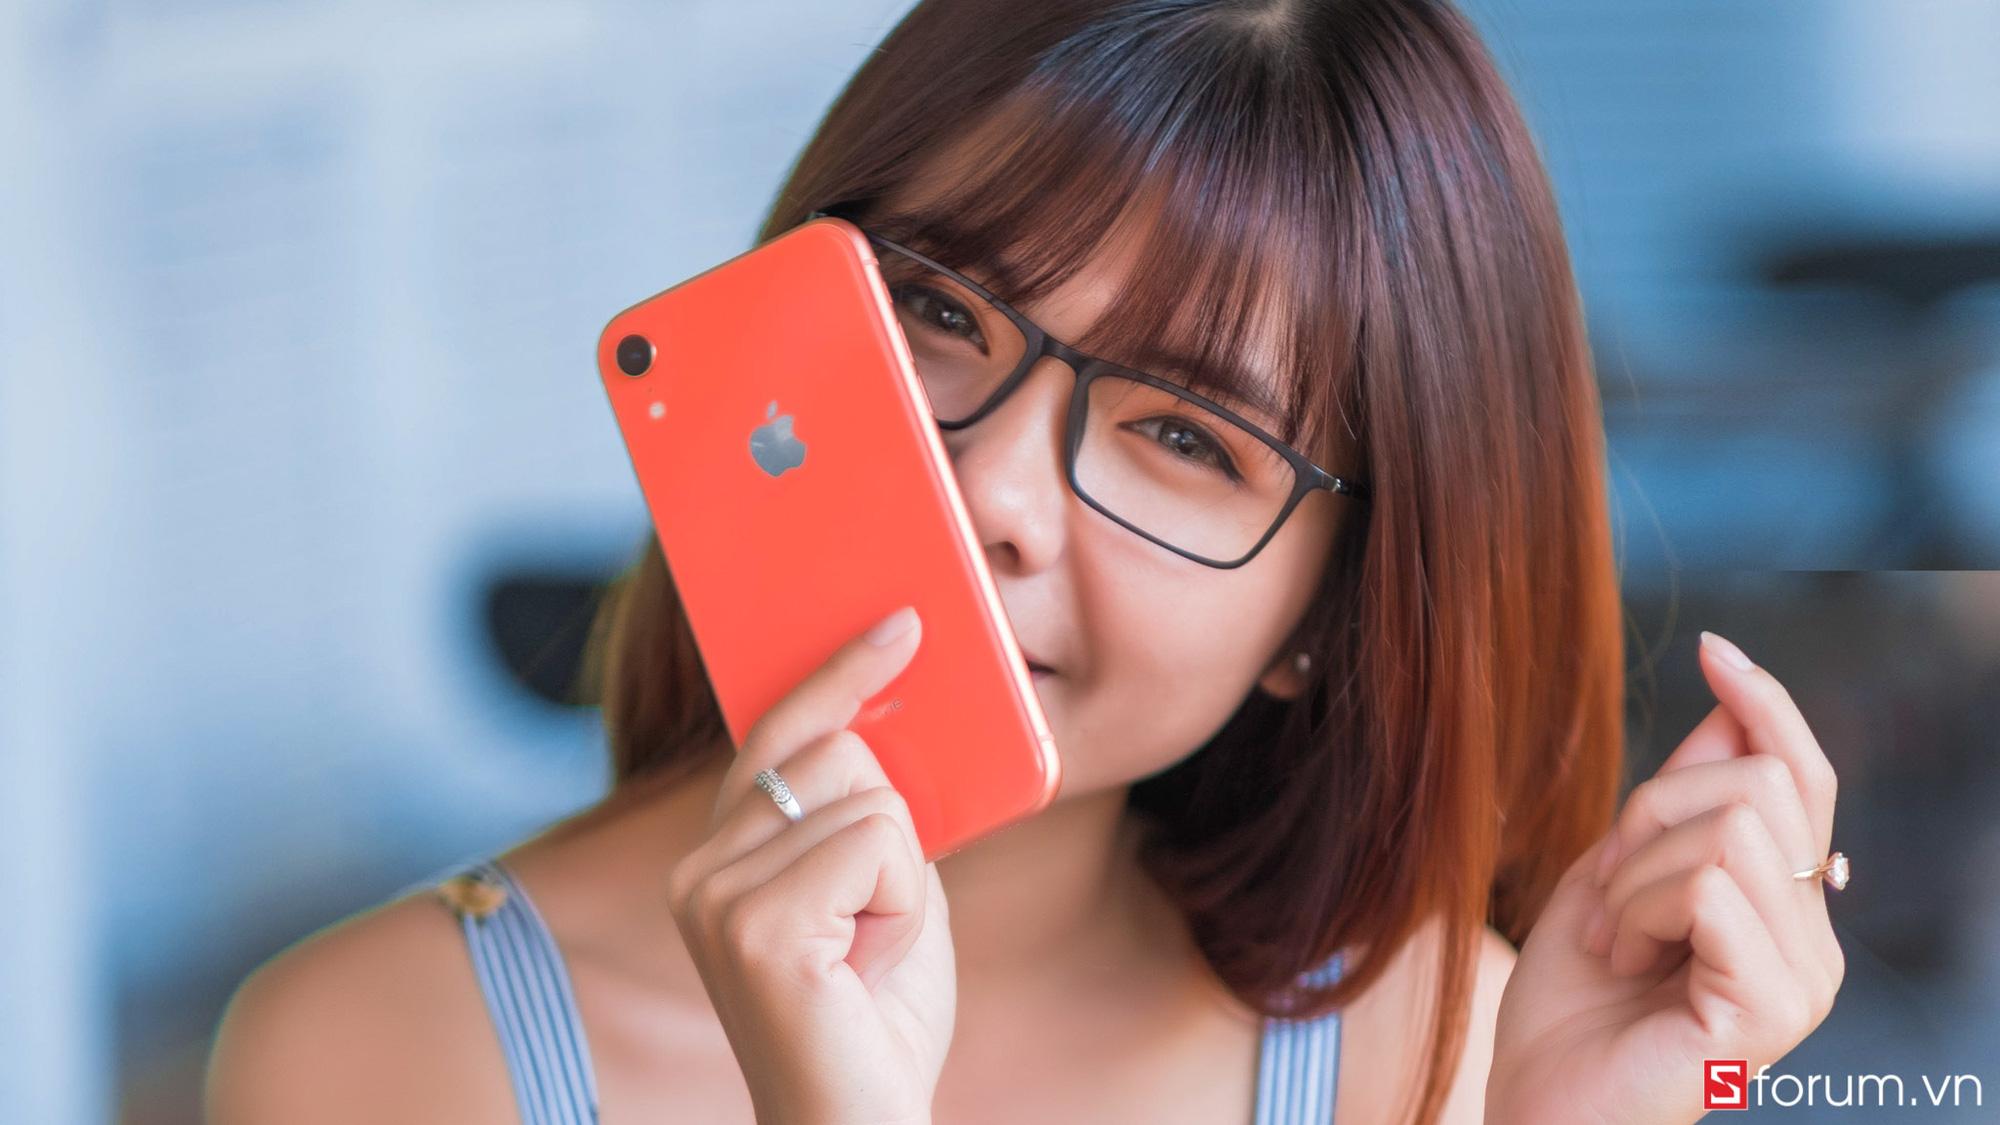 iPhone XR chất mà giá giảm sốc với người dùng  - Ảnh 1.